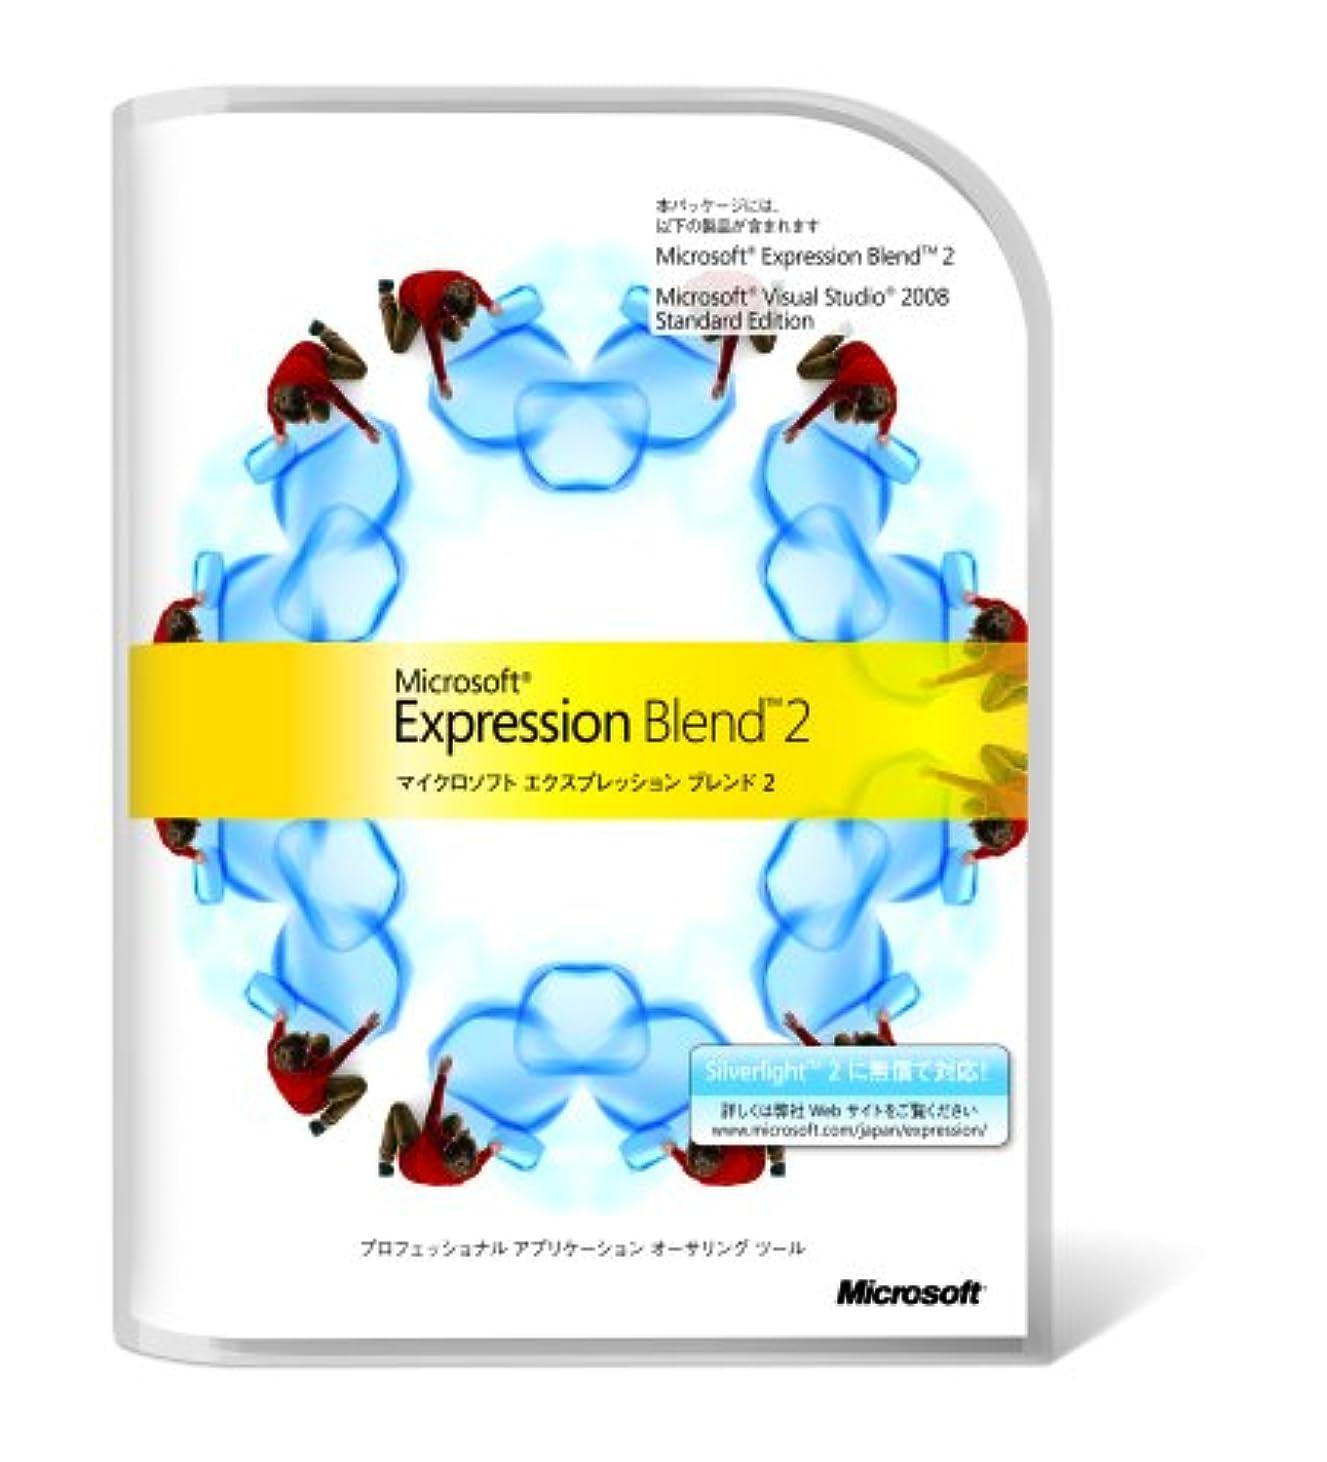 ブロックする引き付ける食物Microsoft Expression Blend 2